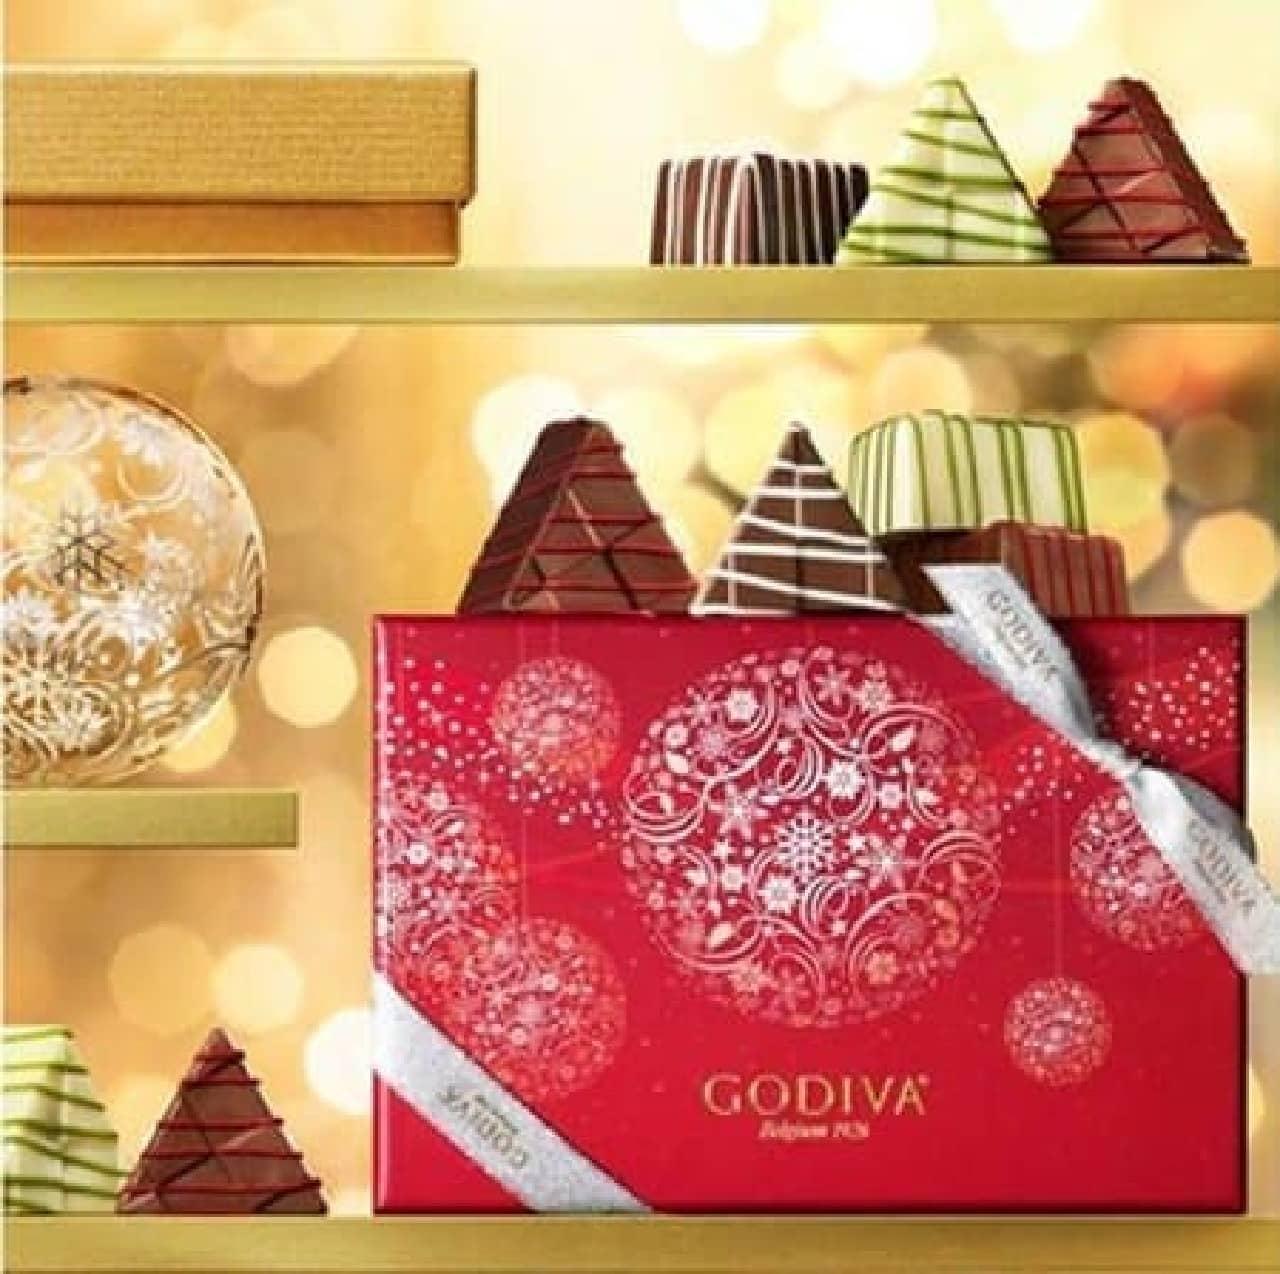 クリスマス限定の華やかなパッケージ